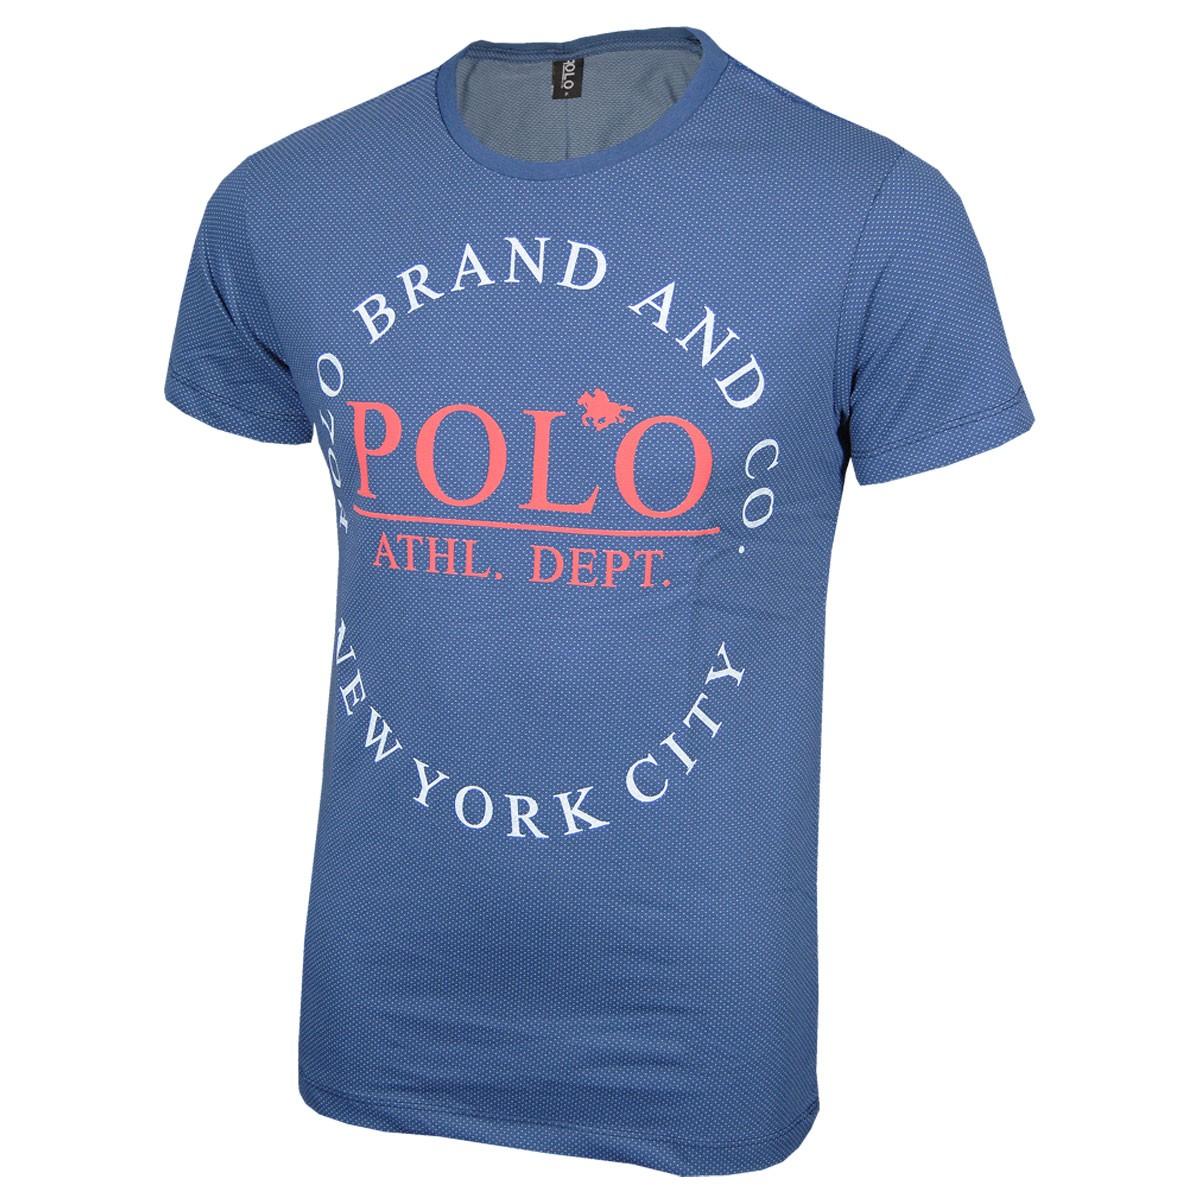 Camiseta Malha Pontos Polo Rg518